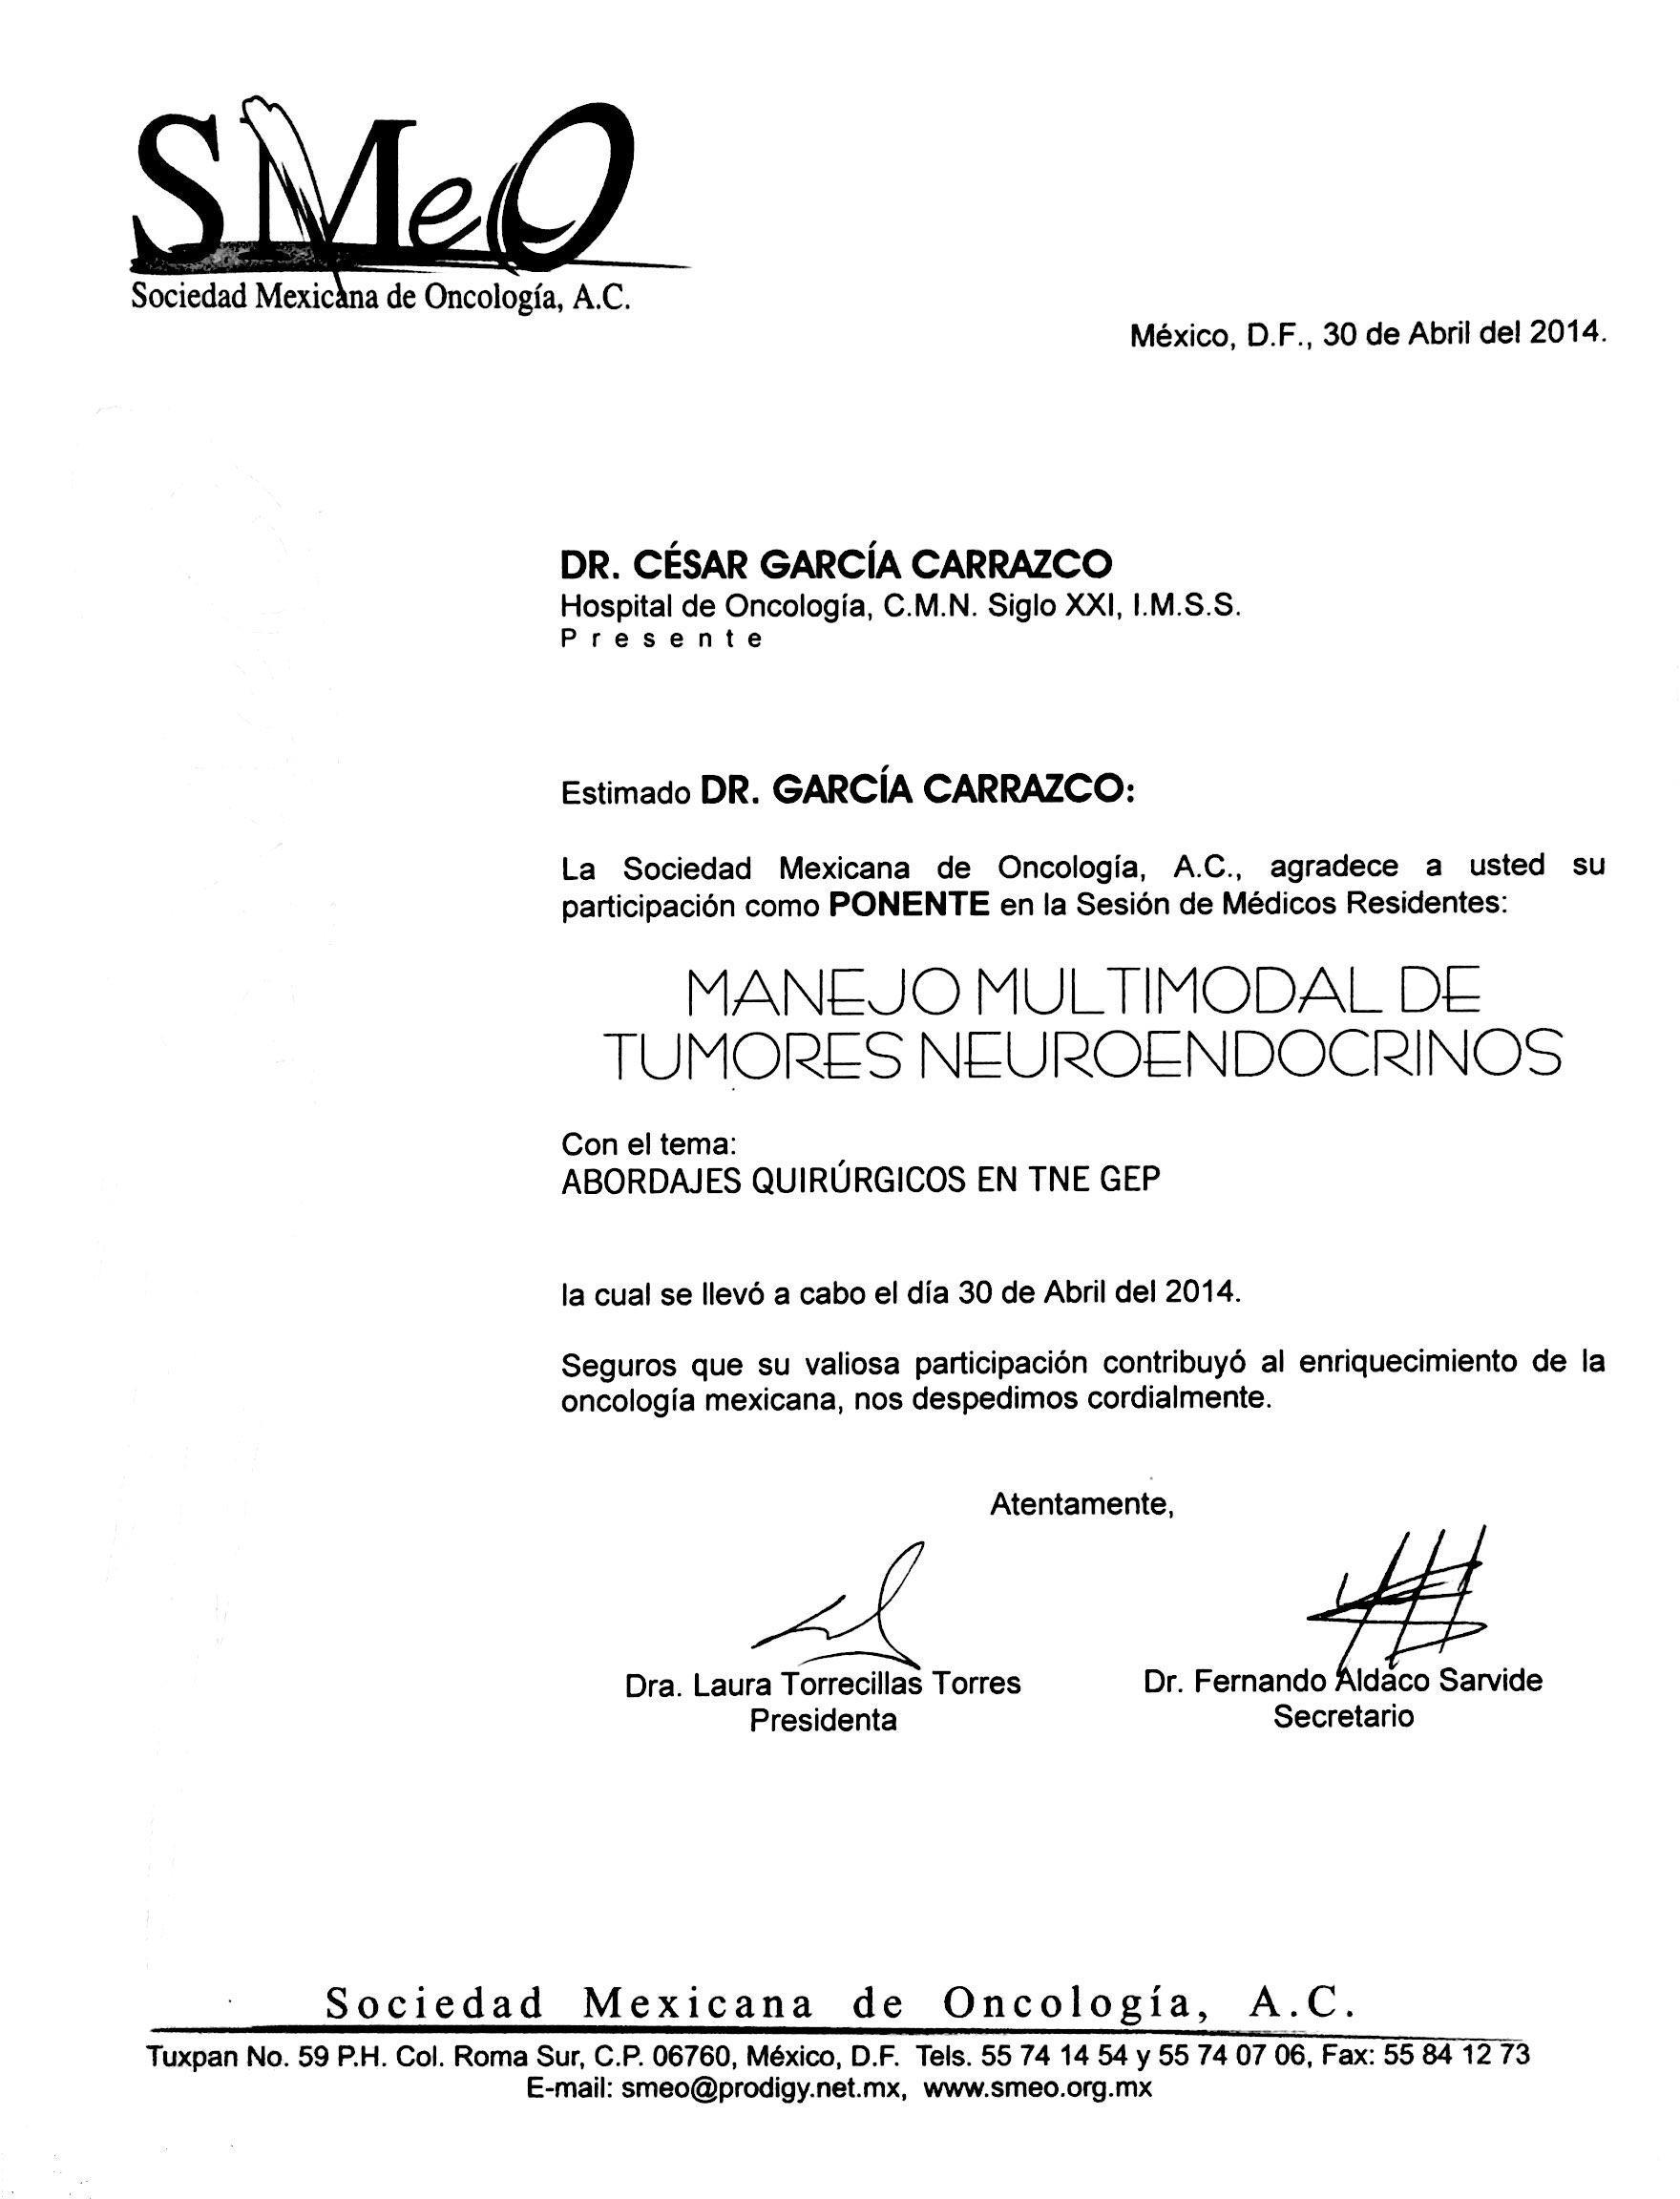 Dr. Garcia Carrazco_71